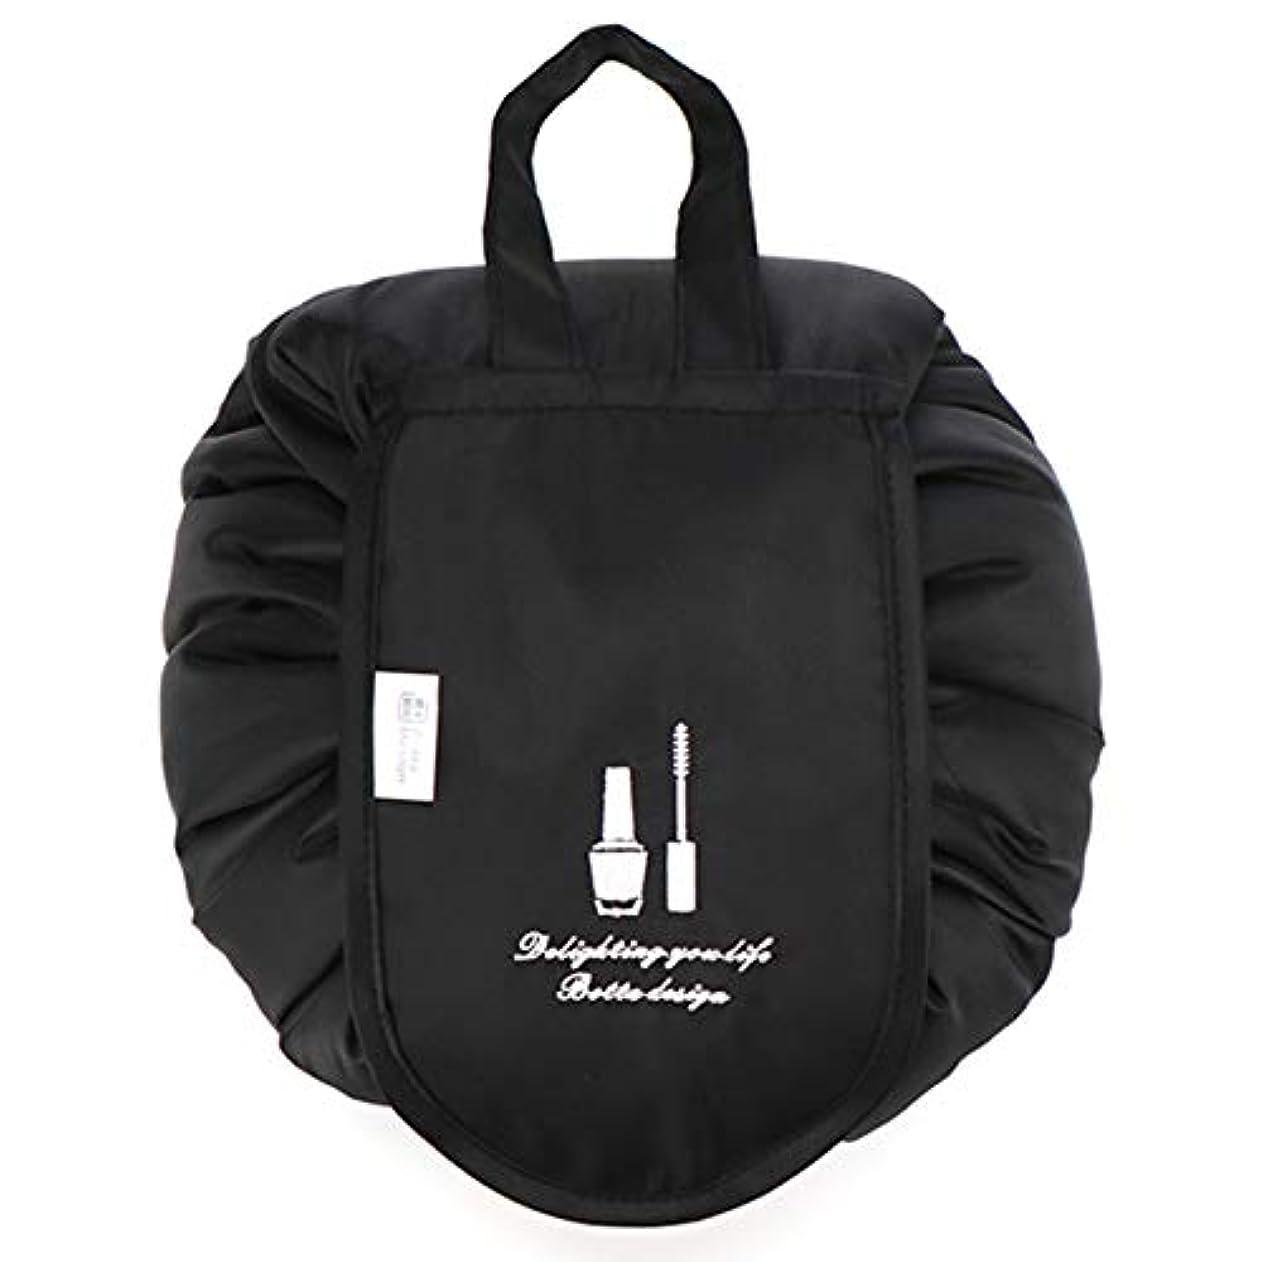 セメント自動的に戻す化粧ポーチ トイレタリーバッグ トラベルポーチ メイクポーチ ミニ 財布 機能的 大容量 化粧品収納 小物入れ 普段使い 出張 旅行 メイク ブラシ バッグ 化粧バッグ